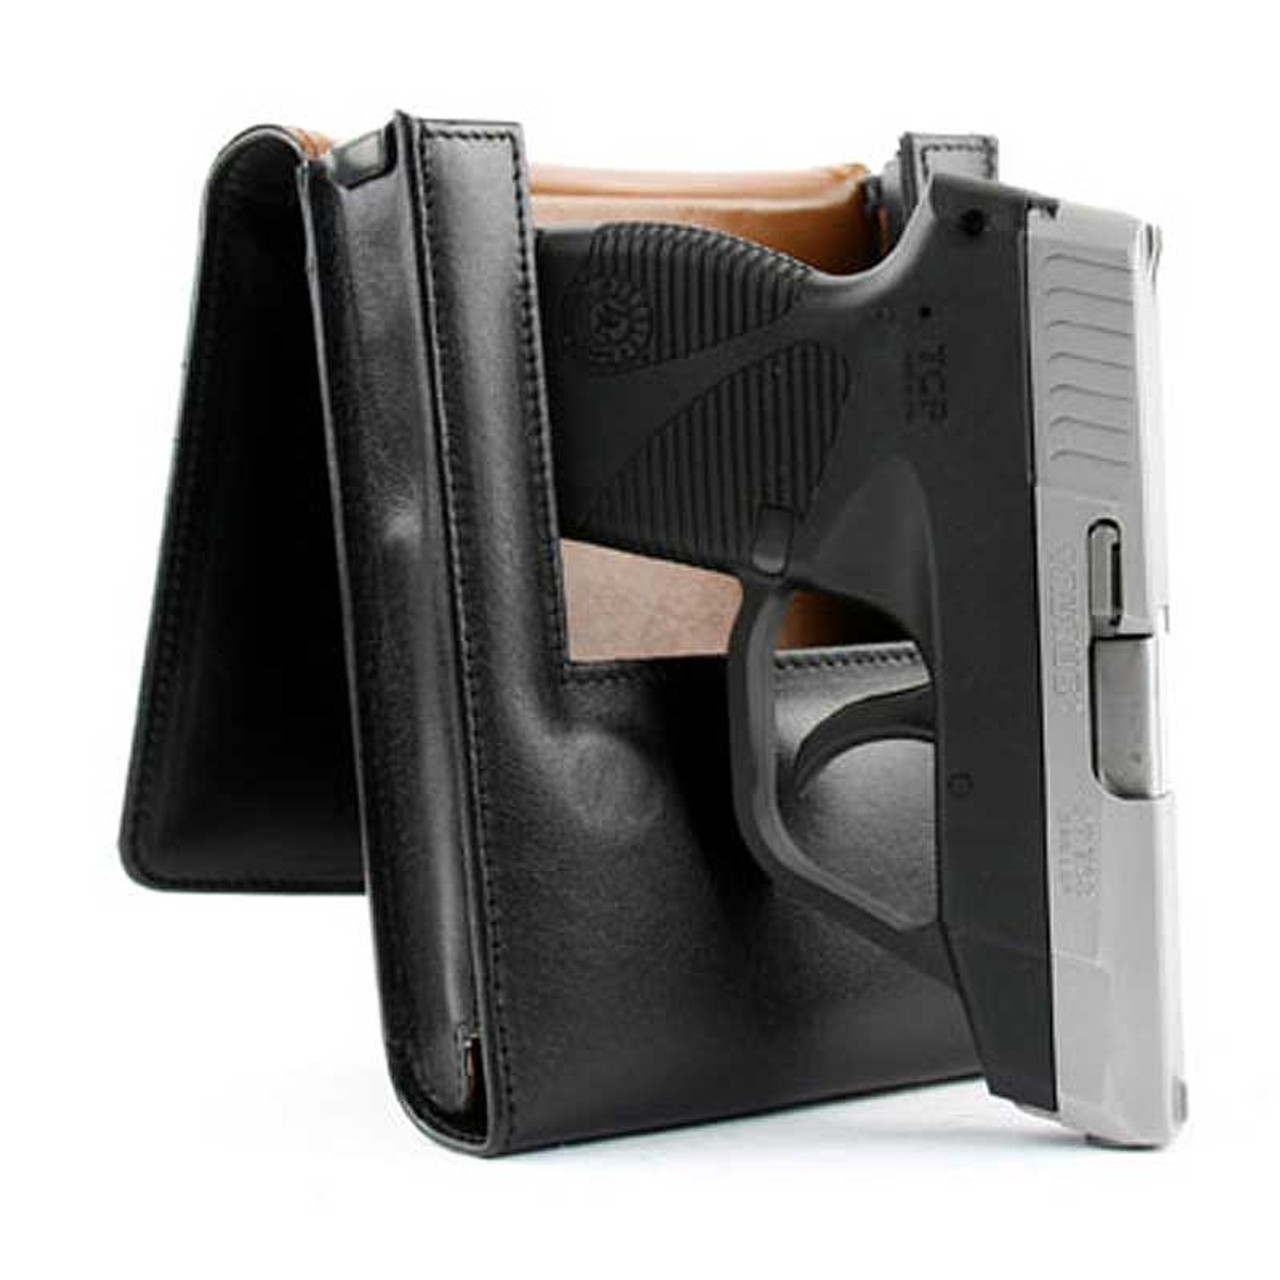 Taurus 740 Concealed Carry Holster (Belt Loop)